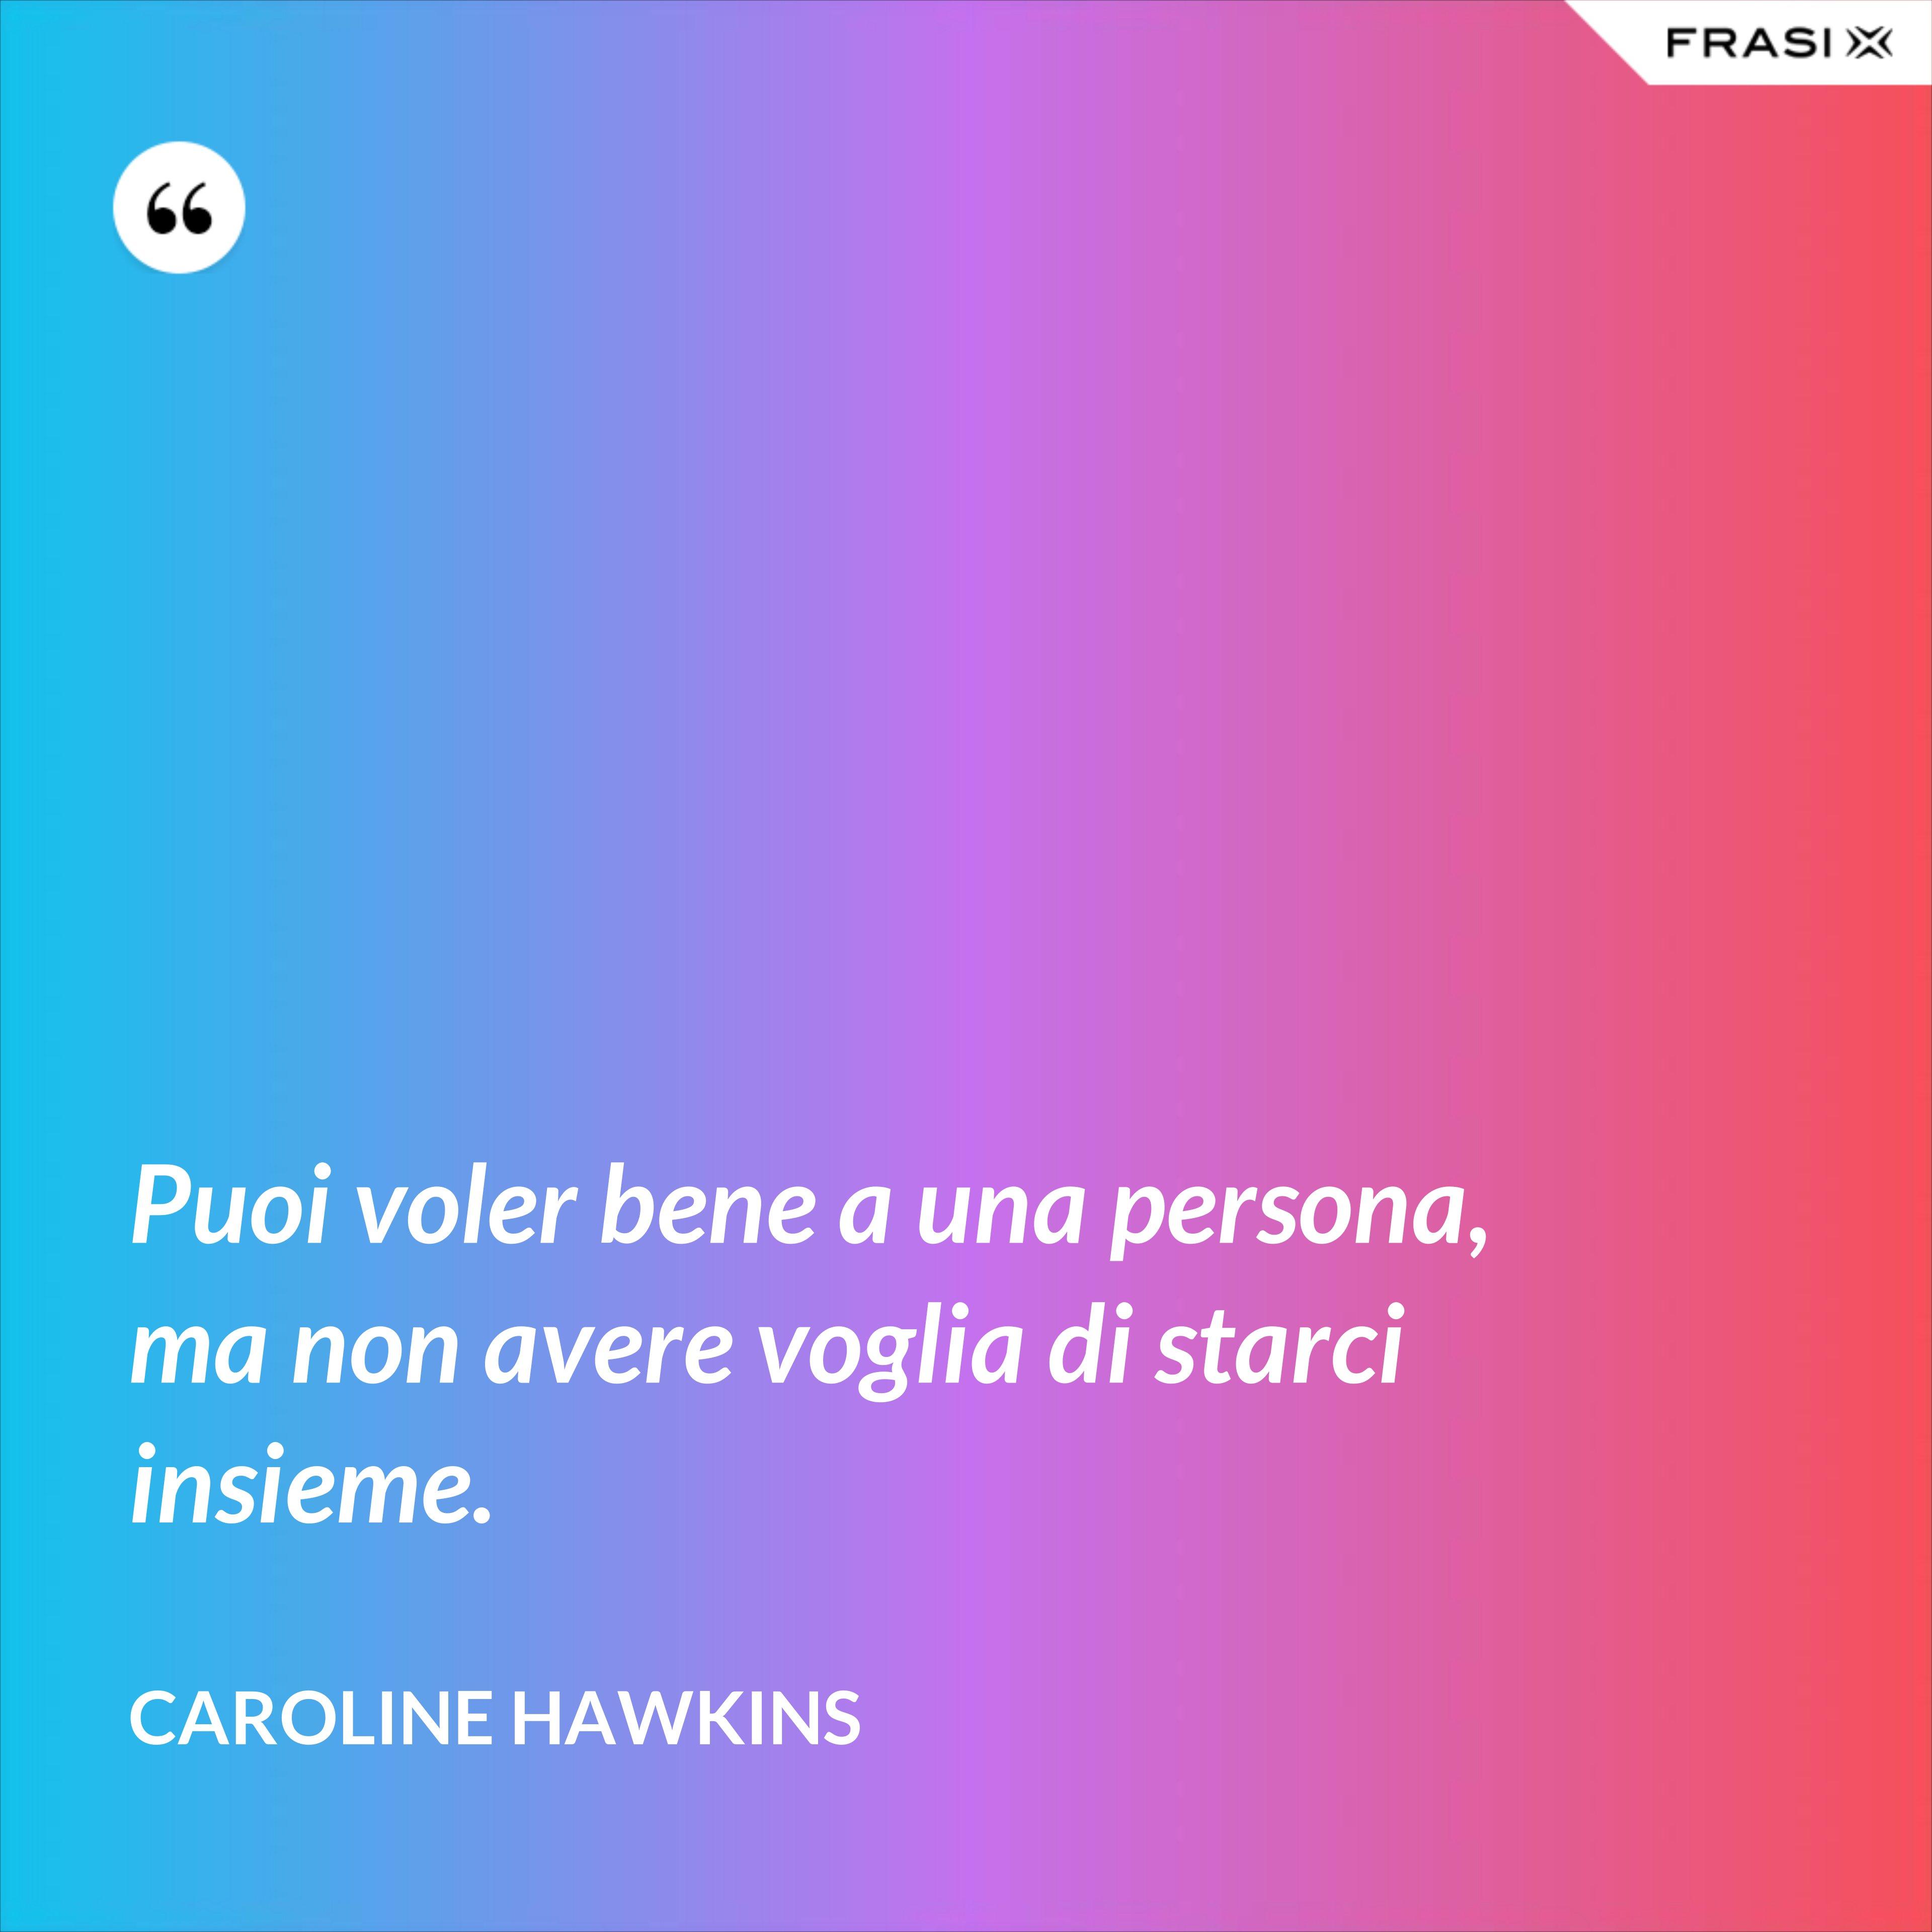 Puoi voler bene a una persona, ma non avere voglia di starci insieme. - Caroline Hawkins